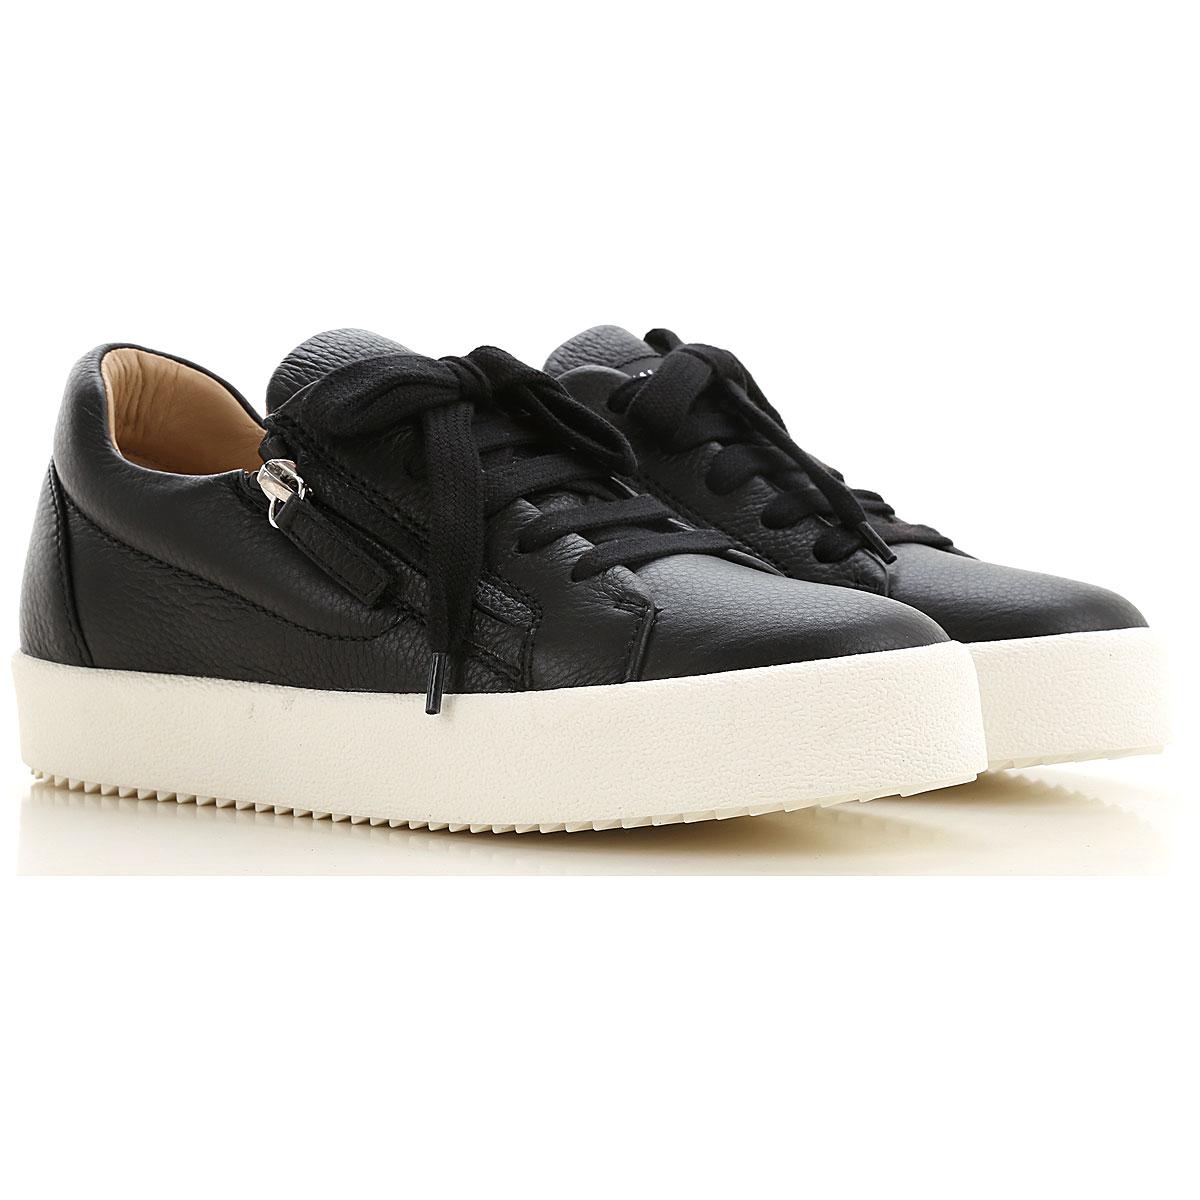 Giuseppe Zanotti Design Slip on Sneakers for Women On Sale, Black, Leather, 2019, 10 5.5 6 6.5 7 8 8.5 9.5